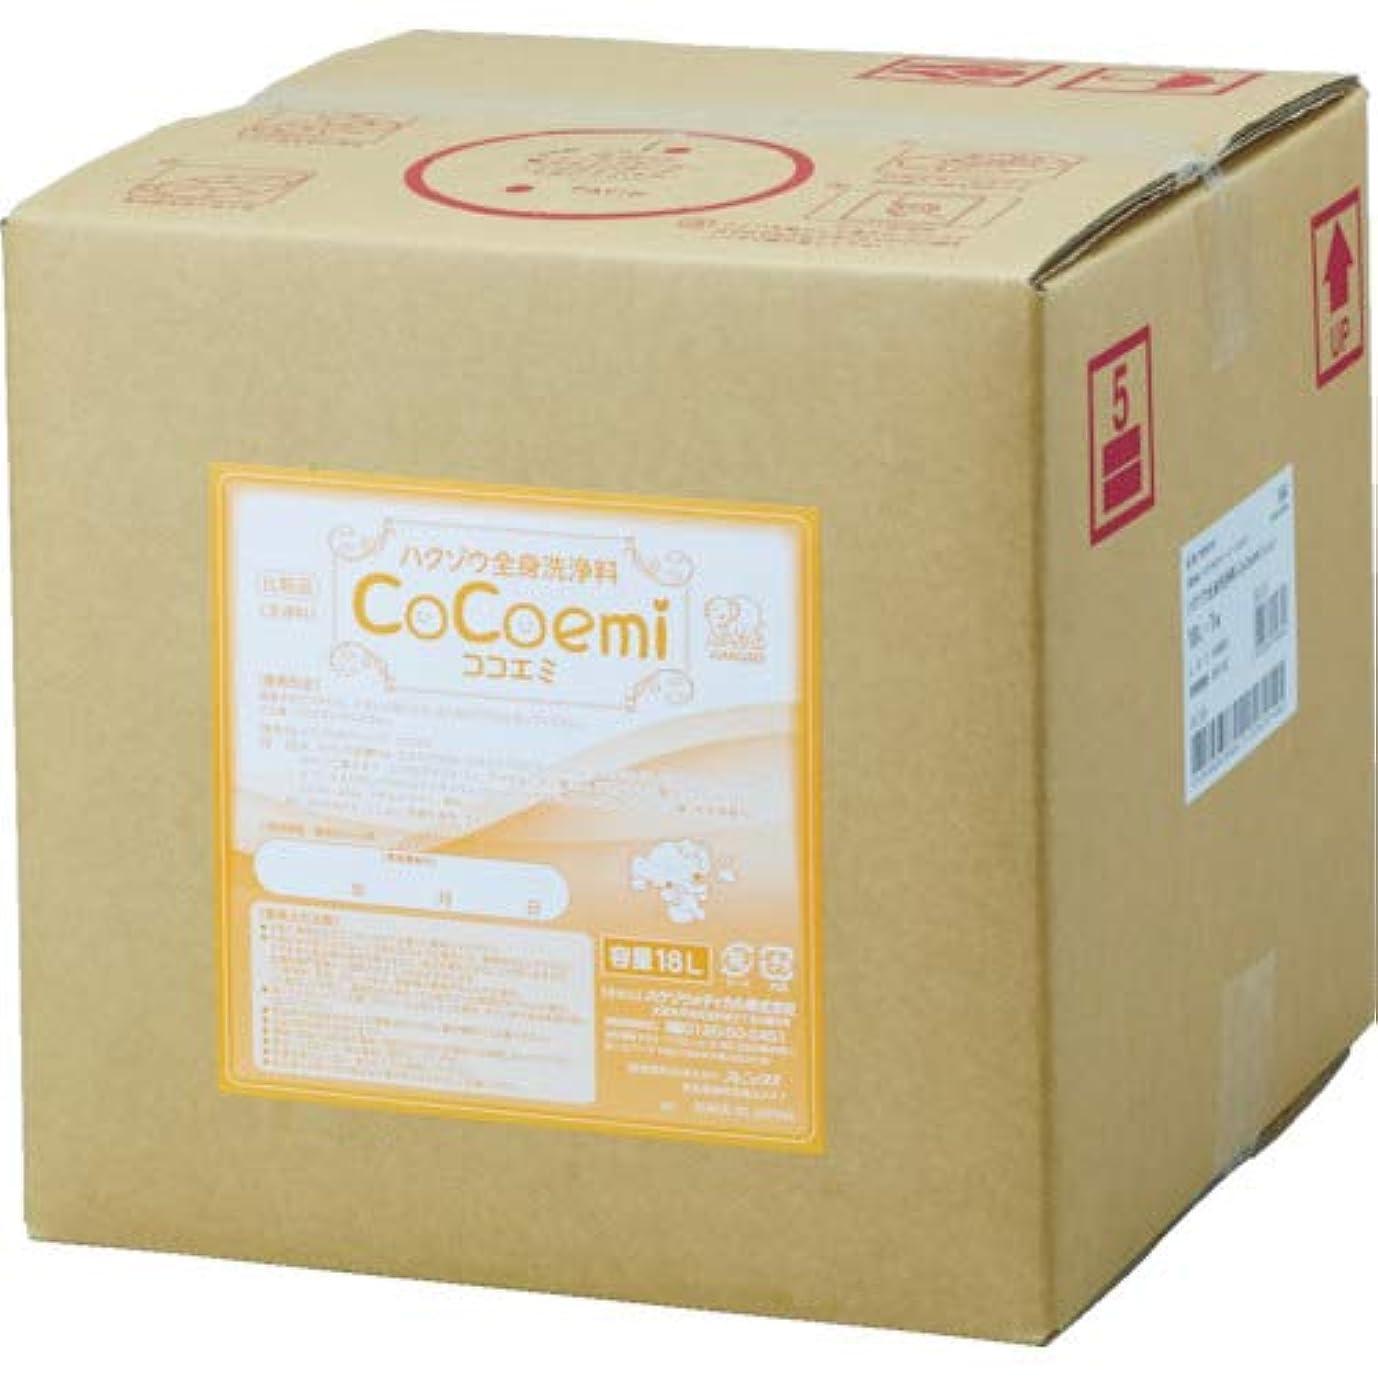 背が高いガチョウイースターハクゾウメディカル ハクゾウ全身洗浄料CoCoemi(ココエミ) 18L 3009018